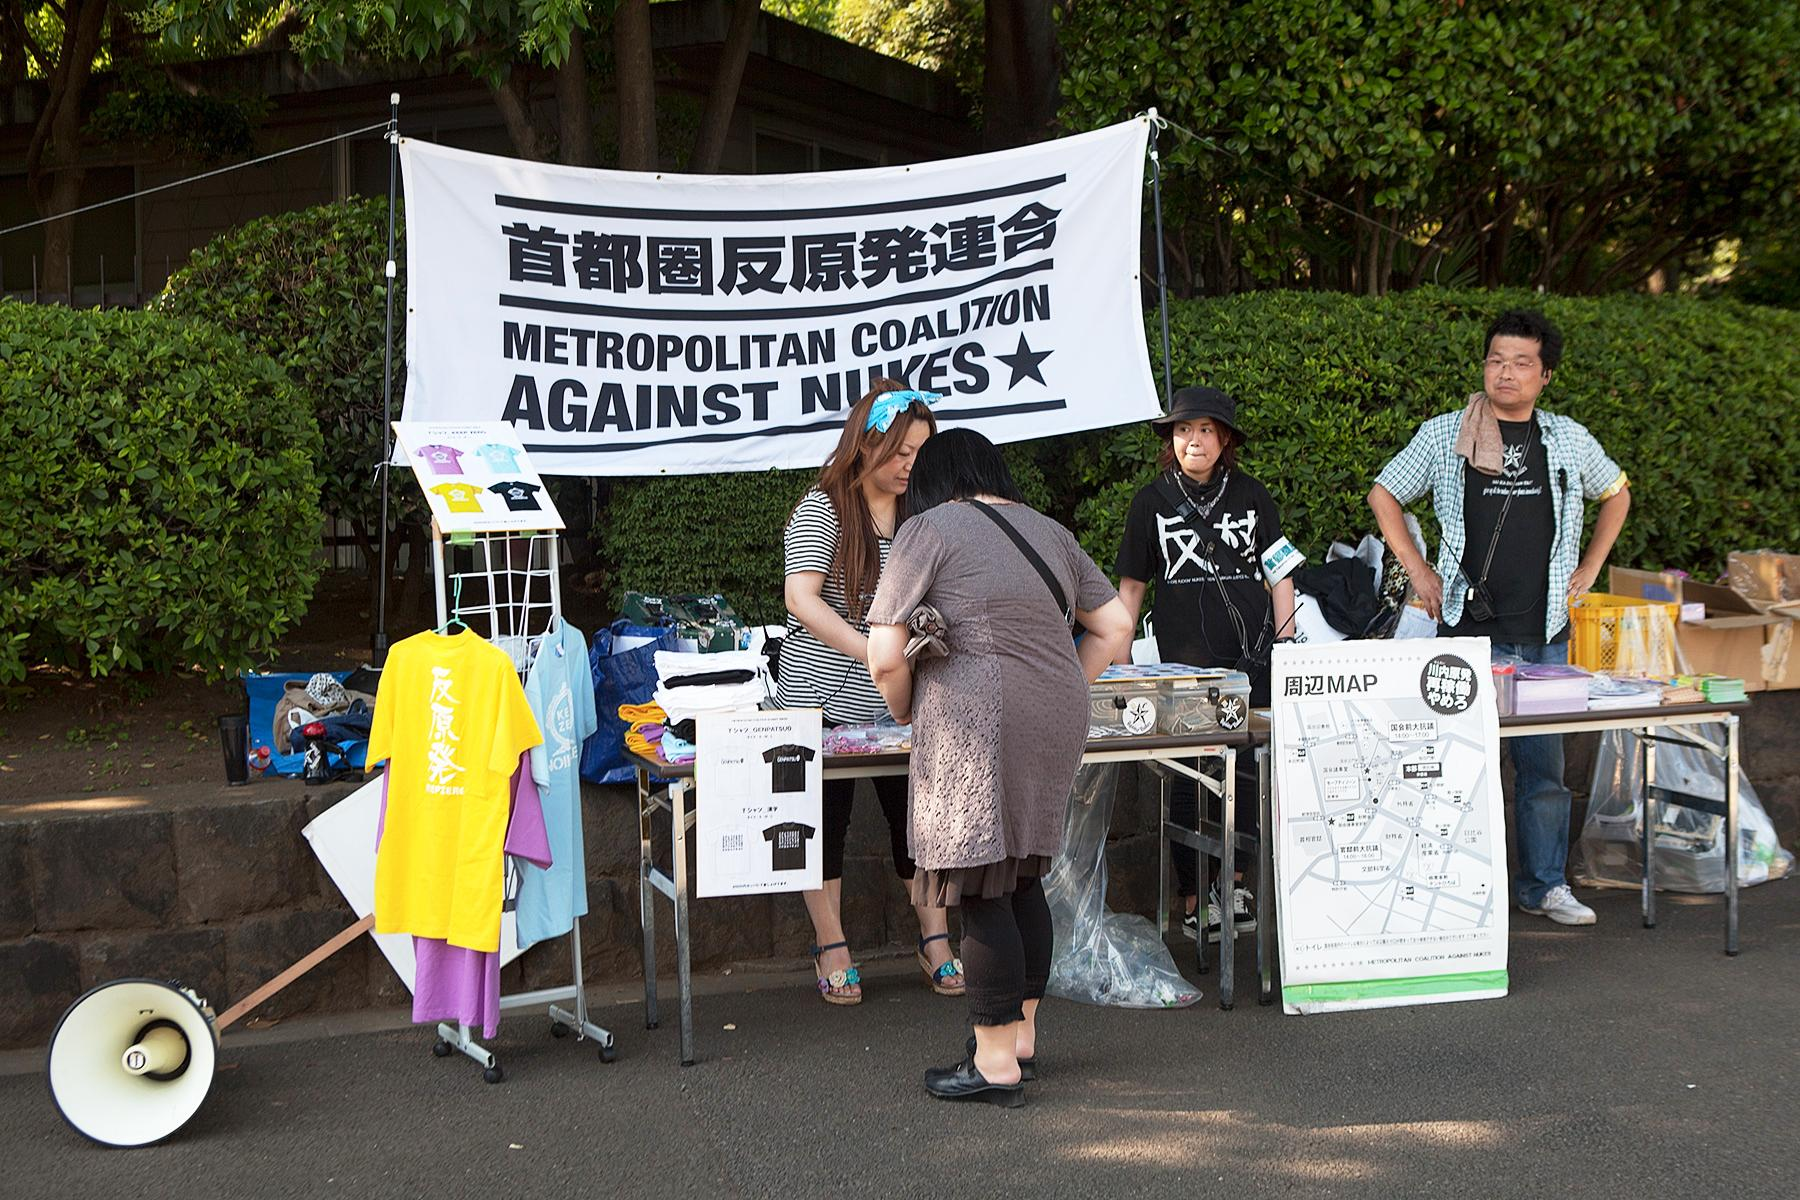 Der Stand von Metropolitan Coalition Against Nukes im Beitrag Tokio Against Nukes